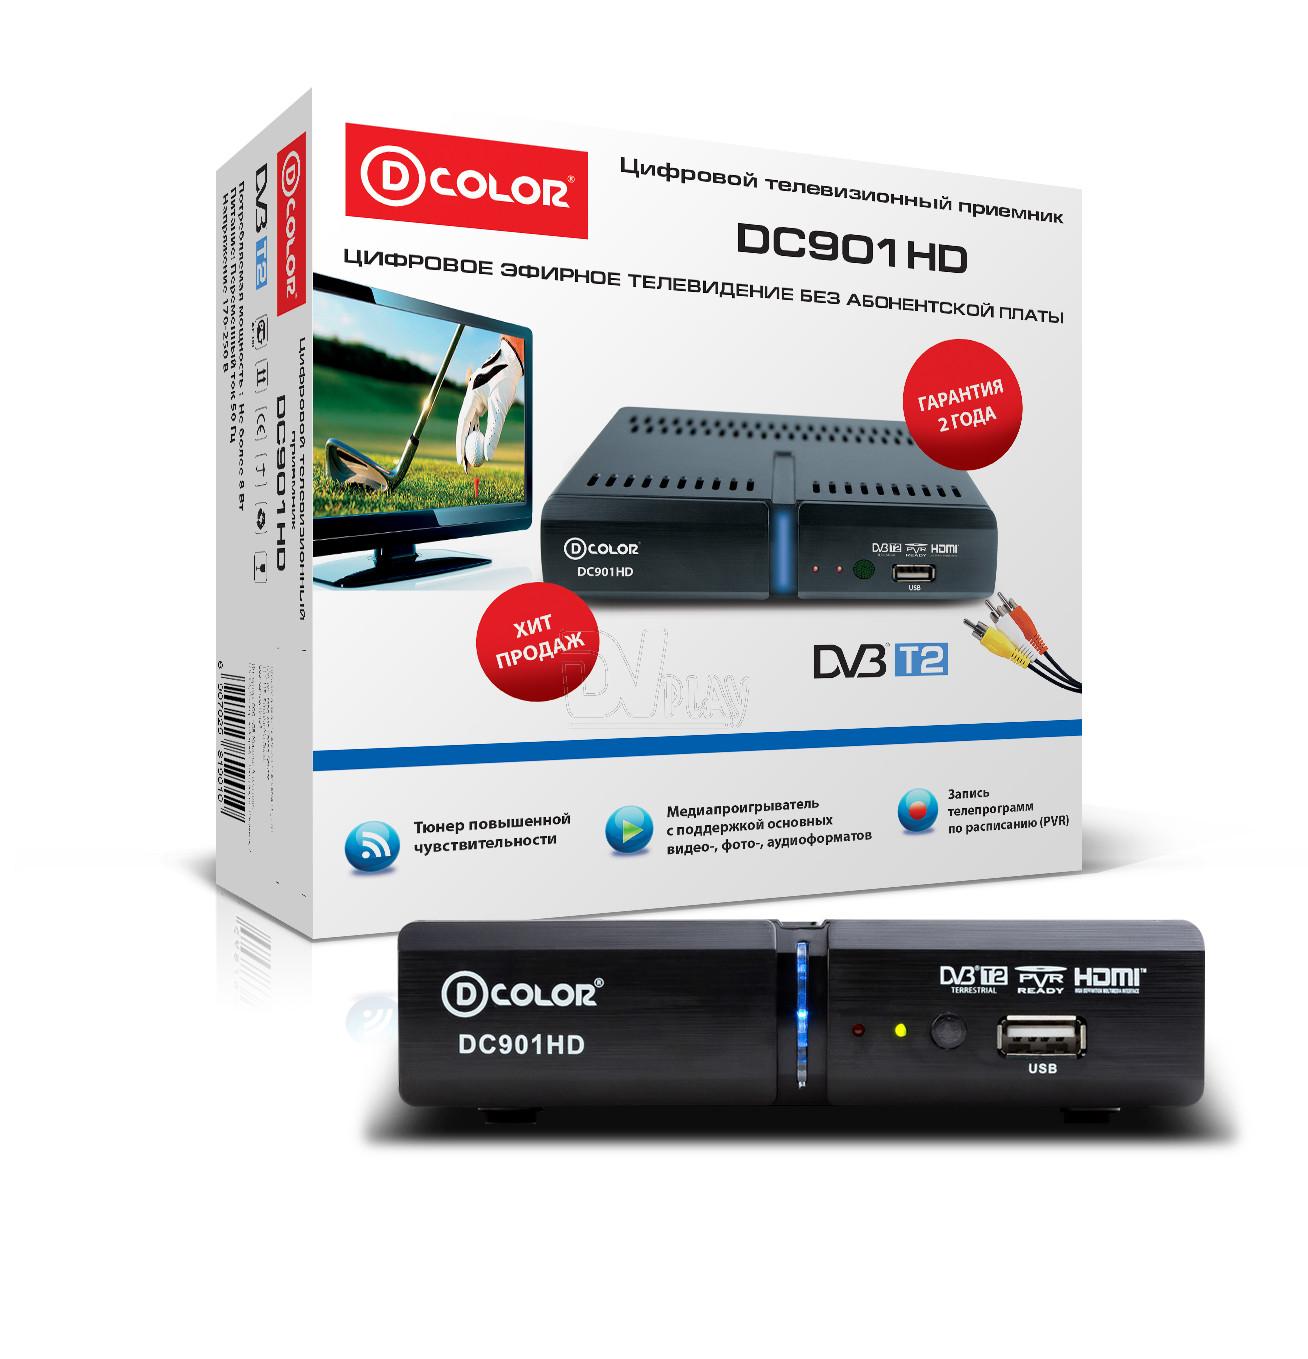 Цифровой телевизионный DVB-T2 ресивер BBK SMP017HDT2 темно-серый